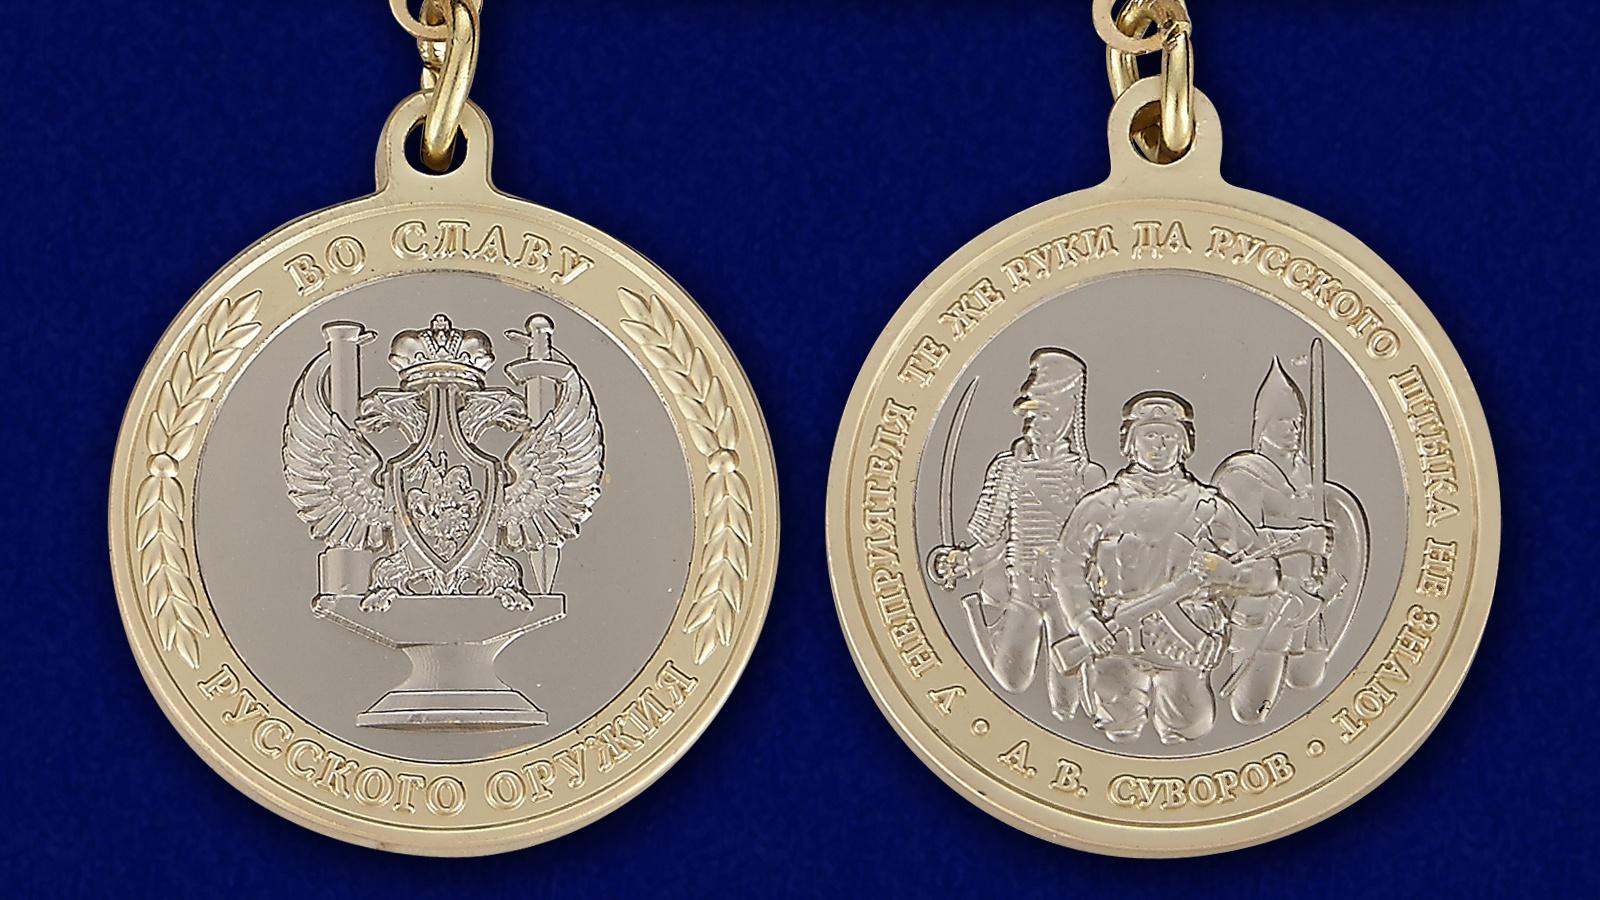 Медаль Во славу русского оружия - аверс и реверс